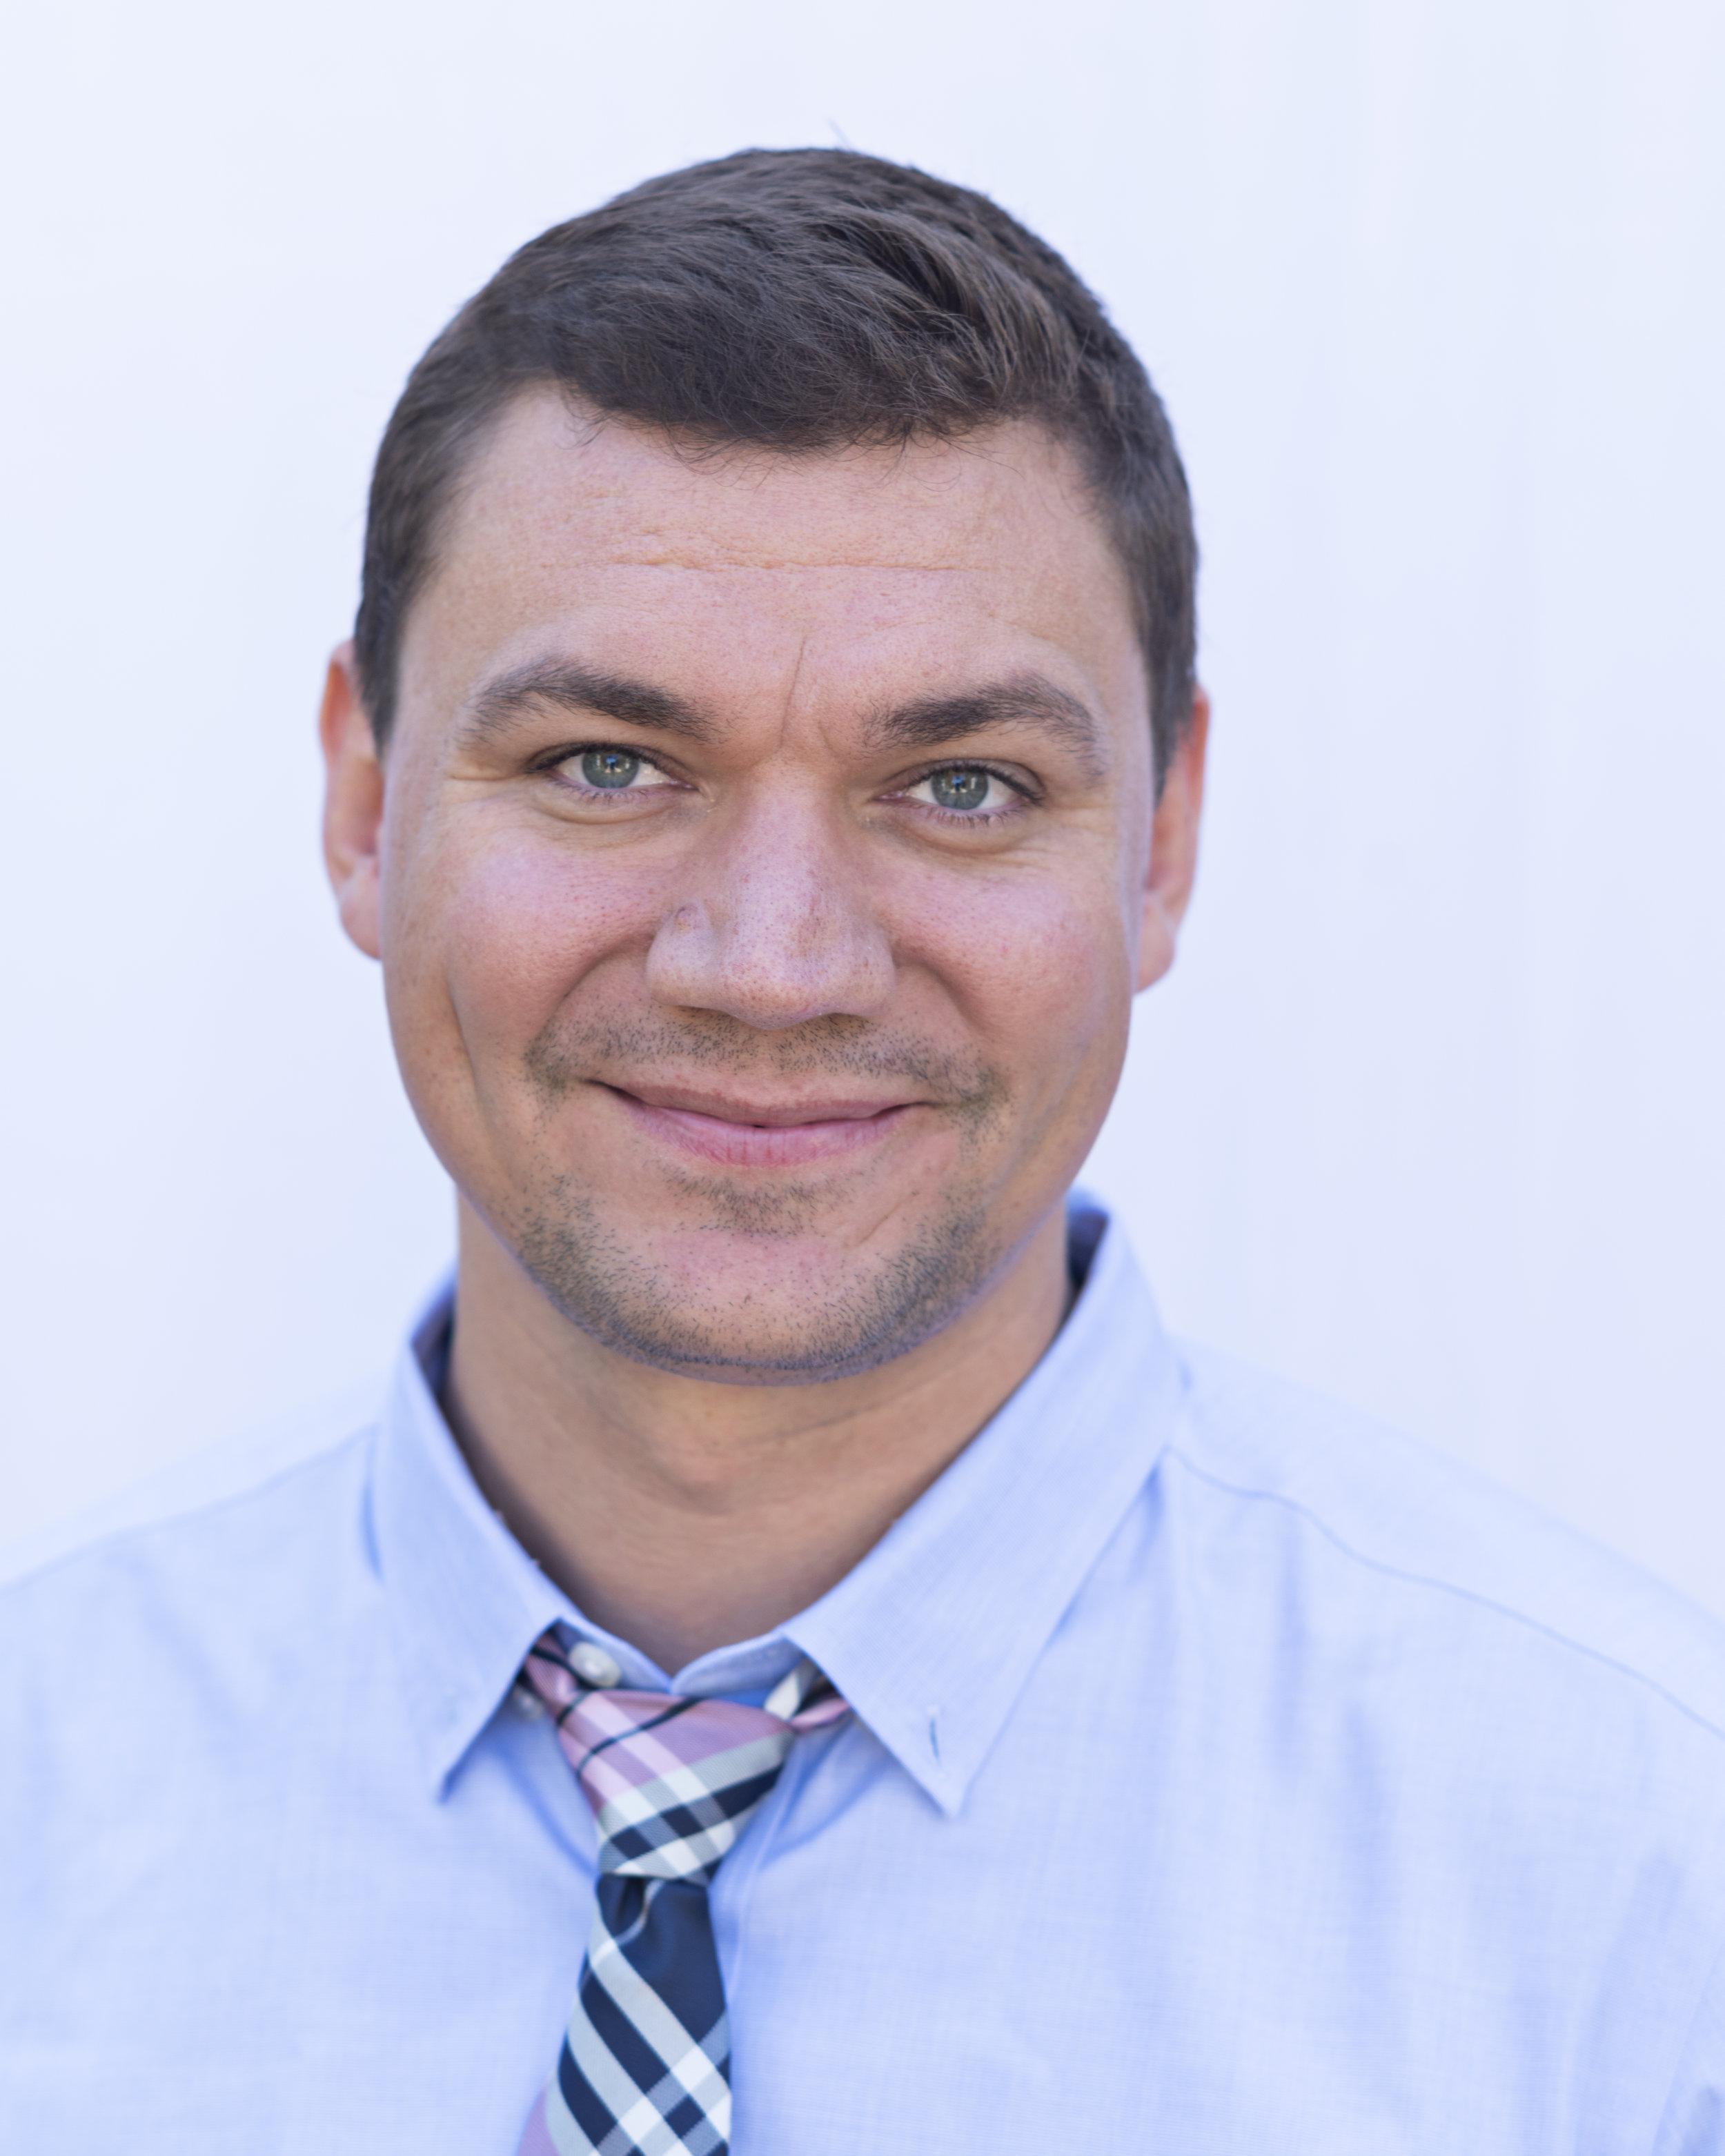 Jon Filipko